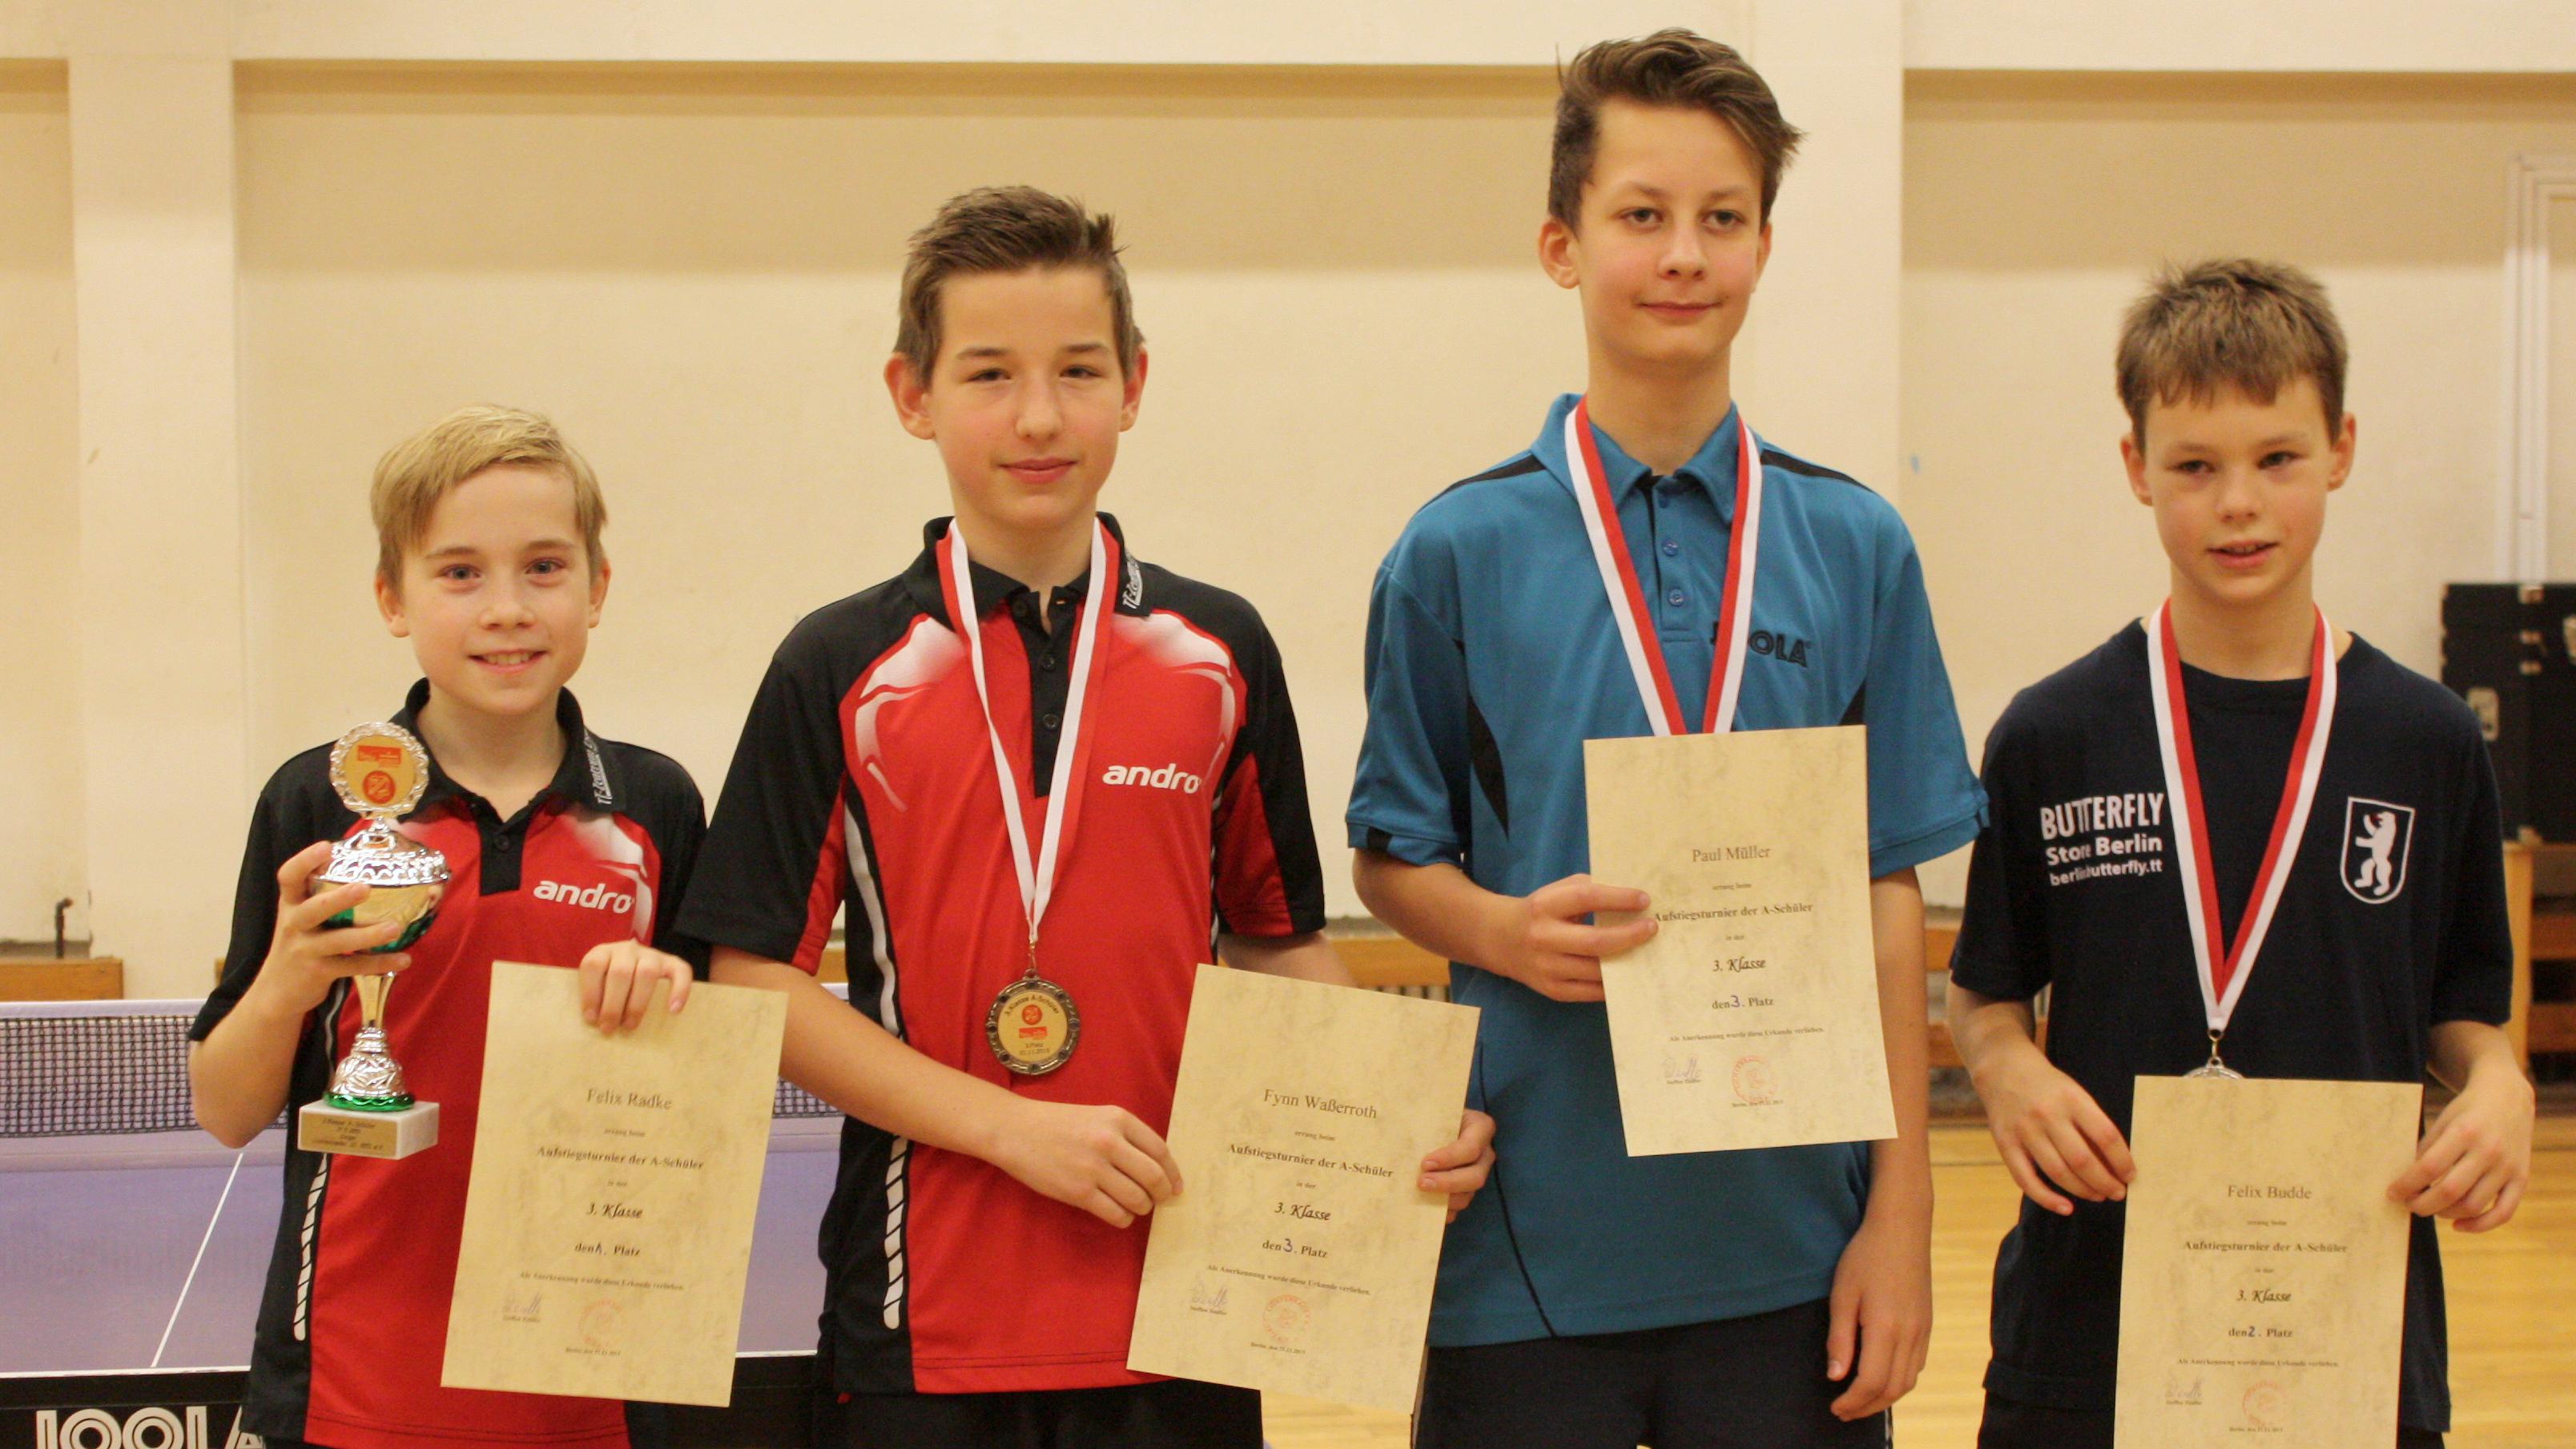 Siegerehrung 3. Klasse A-Schüler (von links): 1. Platz Felix Radke  (Steglitzer TTK), 3. Platz Fynn Waßerroth (Steglitzer TTK), 3. Platz P. Müller (Lichtenrader SC), 2. Platz Budde (TSV Marienfelde)